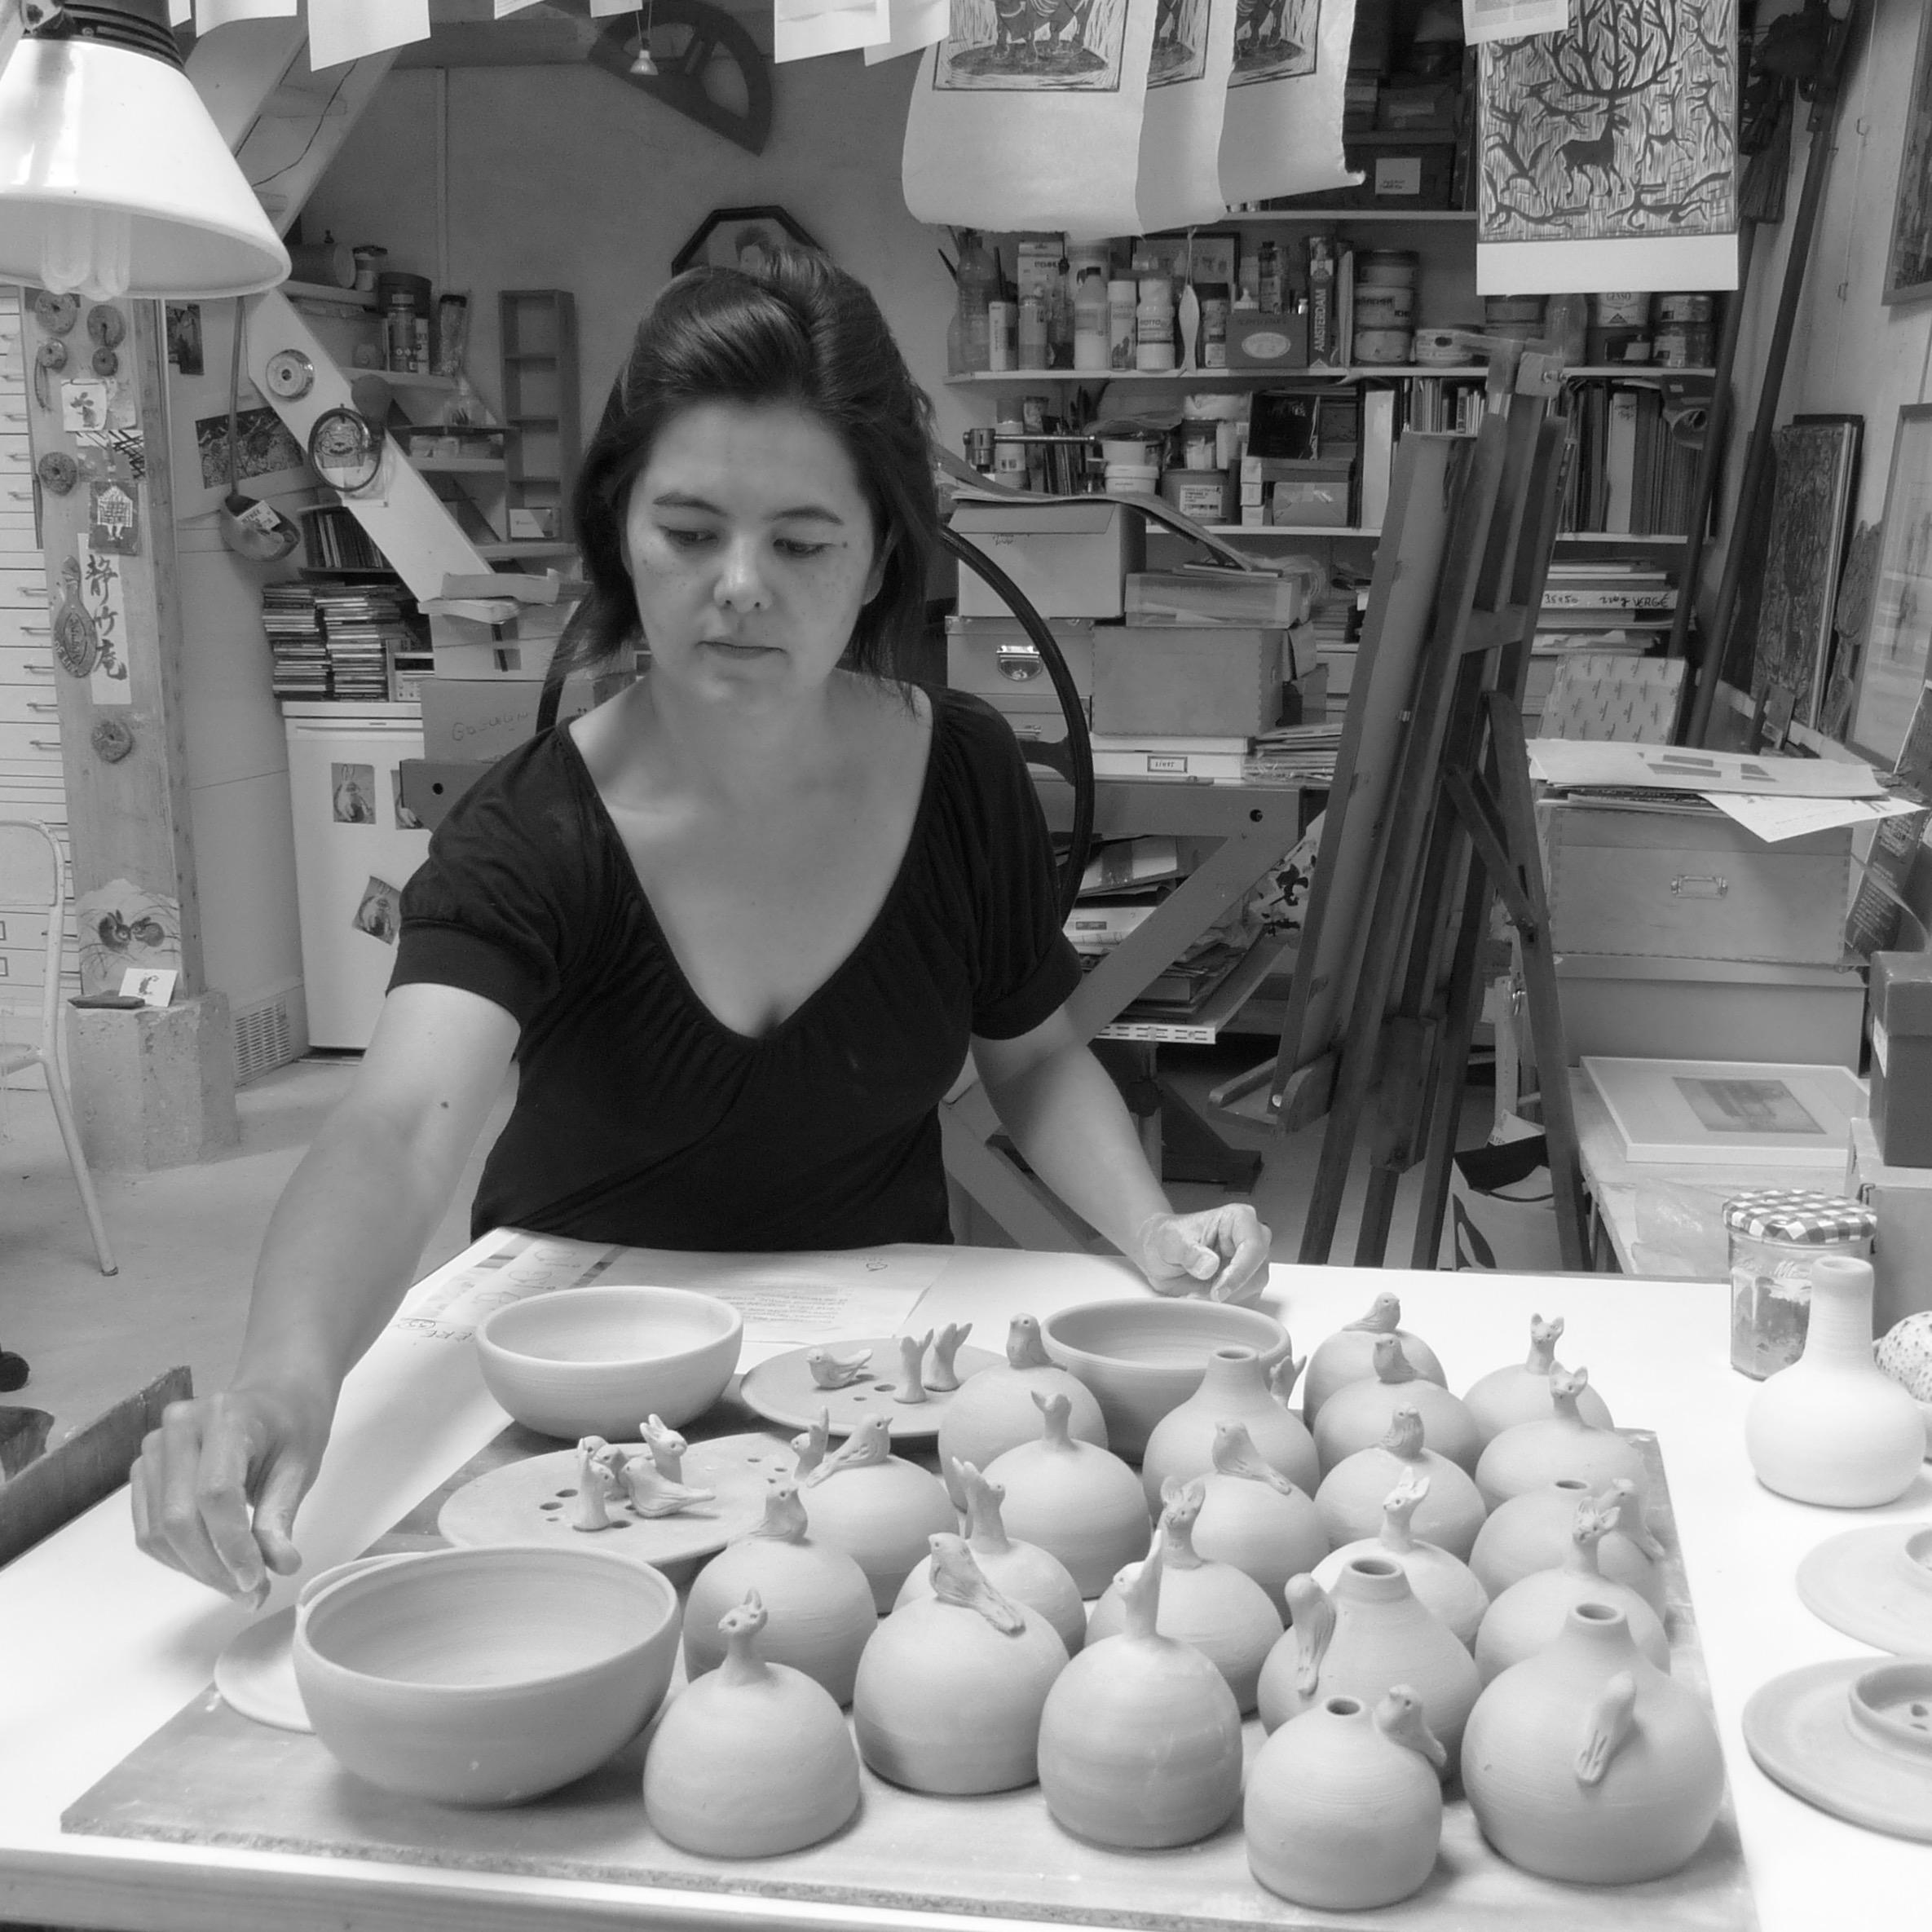 Expositions / ventes de noël - Paris & Saint-Martin de RéLa madrigenMelting pot céramiqueatelier personnel à Saint-martin de ré (17)galerie 43